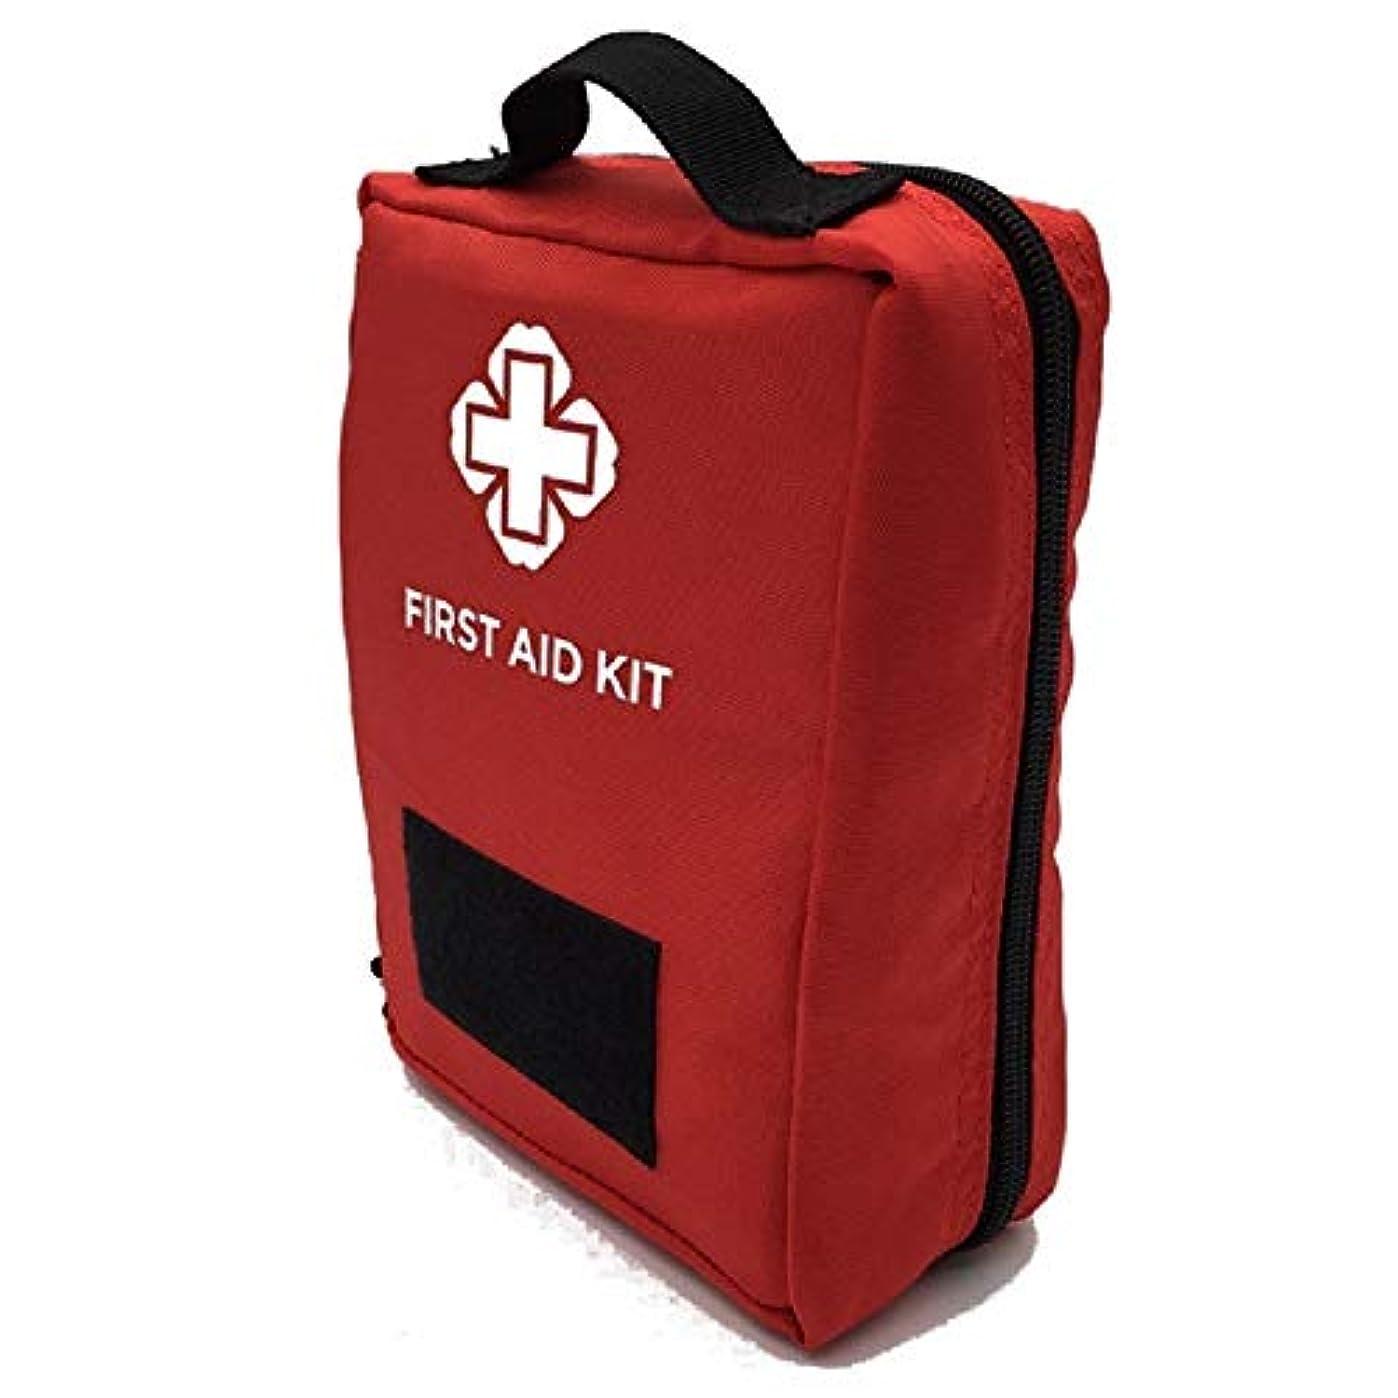 資格情報天のテメリティ屋外多機能旅行応急処置キットスポーツ医療バッグ戦術ウエストバッグぶら下げバッグツール収納バッグ (Color : B, Size : 21*15.5*7cm/8.3*6.1*2.8in)